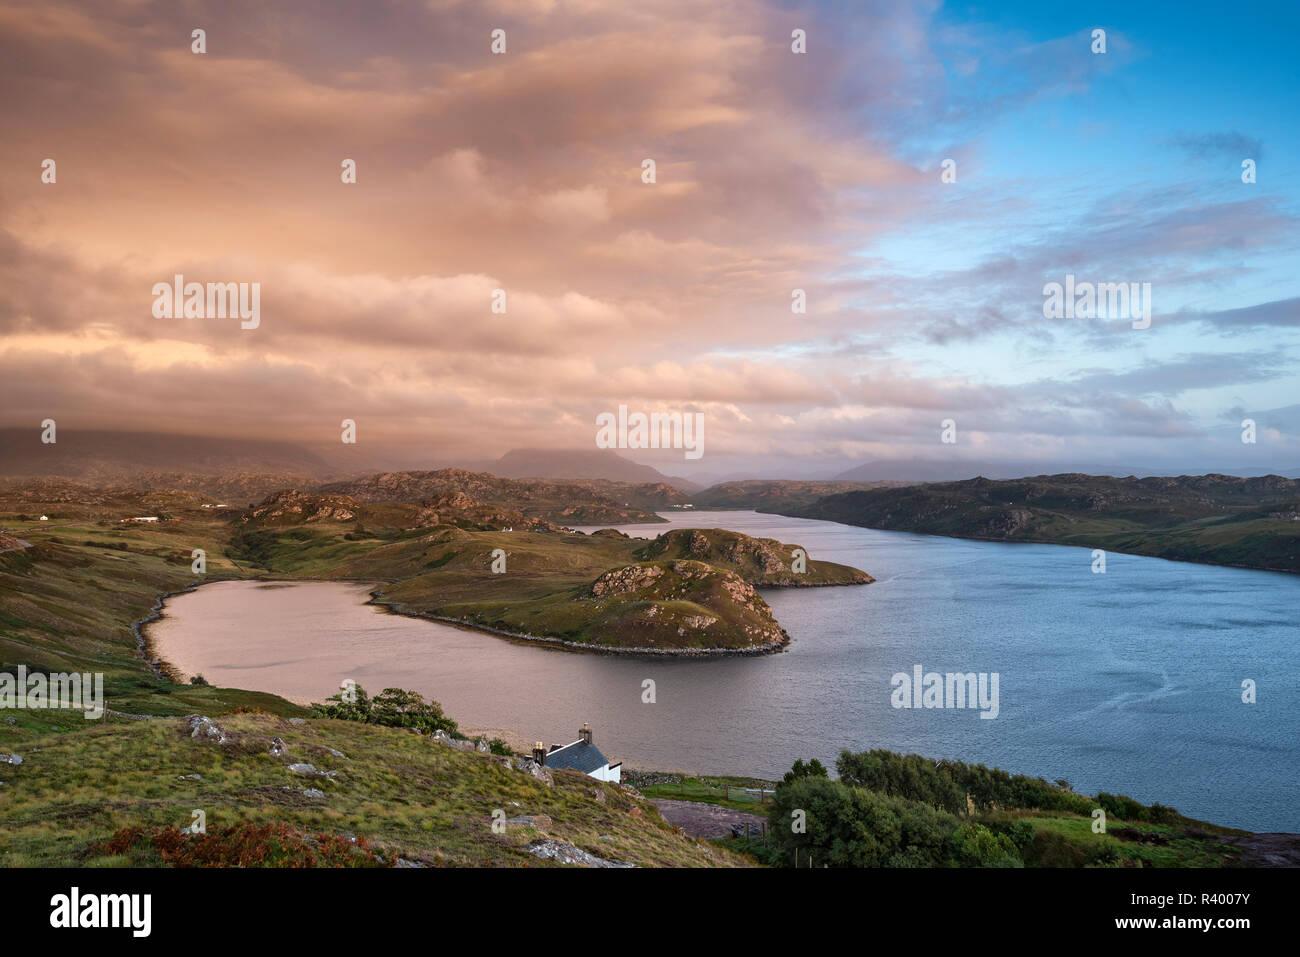 Atmosfera Cloud oltre il mare l'ingresso Loch Inchard, Kinlochbervie, Sutherland, Nord-Ovest Highlands, Scotland, Regno Unito Foto Stock